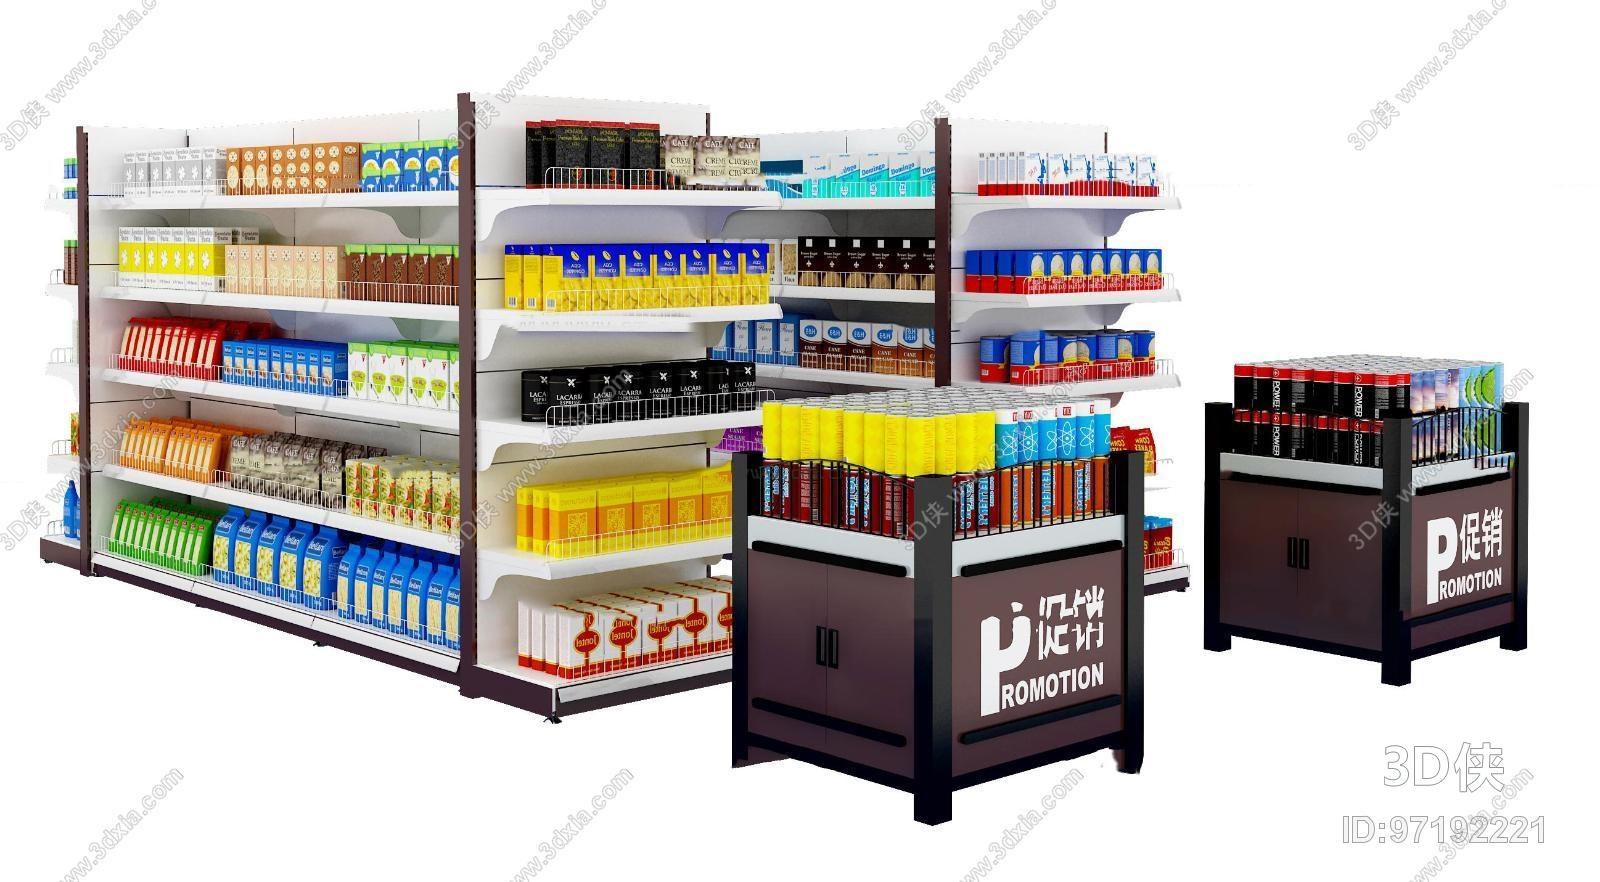 货架效果图素材免费下载,本作品主题是现代超市促销台商品货架3d模型